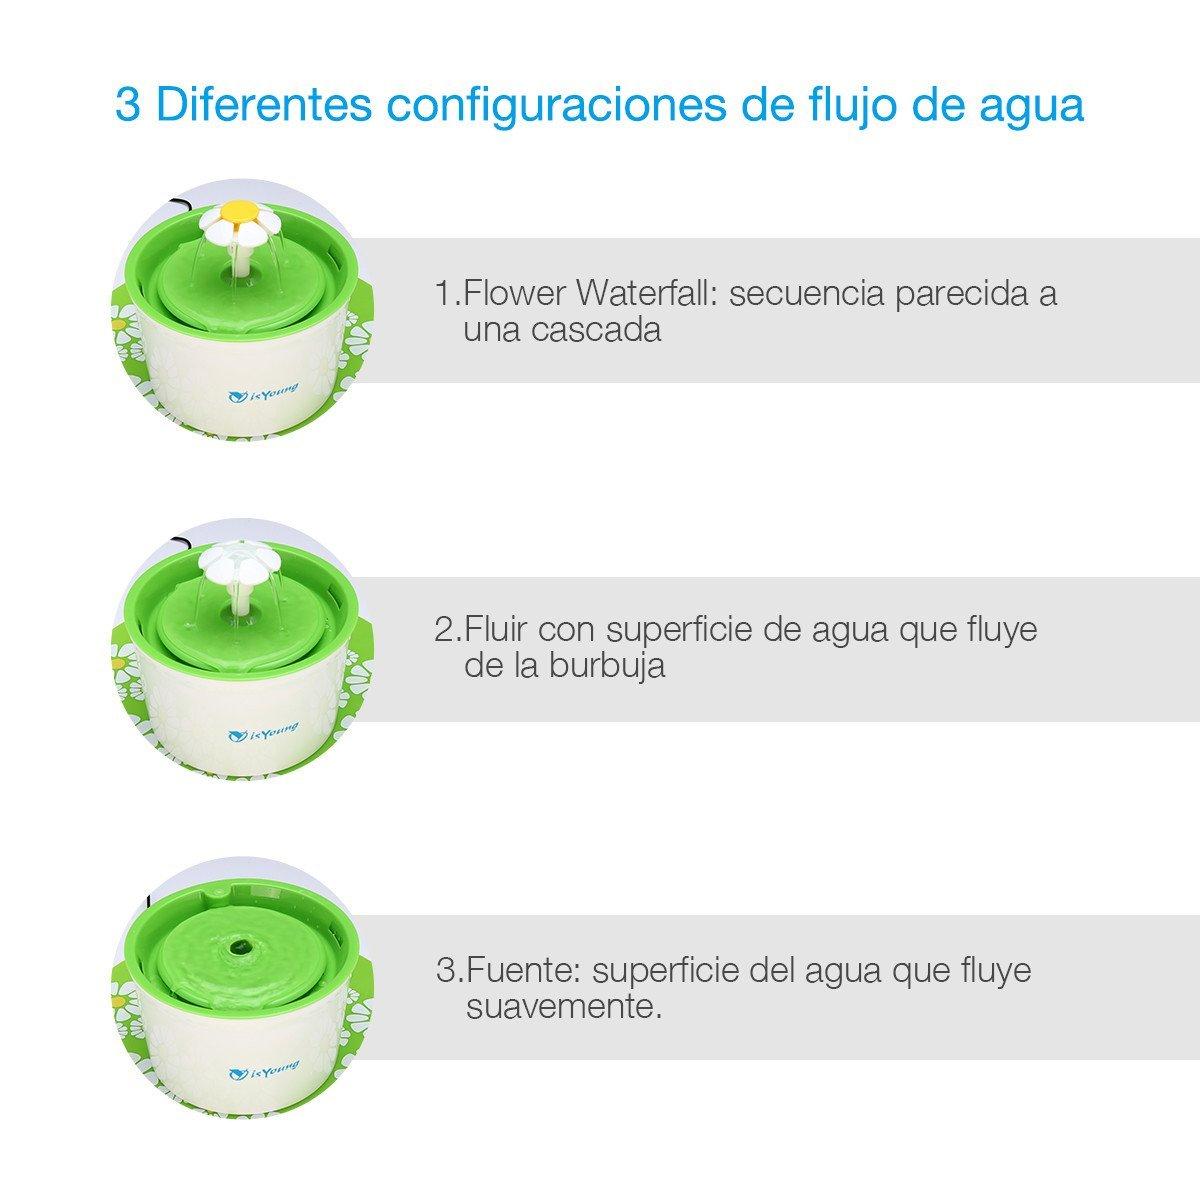 isYoung Fuente de Agua Gatos y Perros, Dispensador de Agua Automático para Mascotas, Bebedero Automático 1.6 L de Gato, Perro, Sano e Higiénico, con Filtros de Carbón